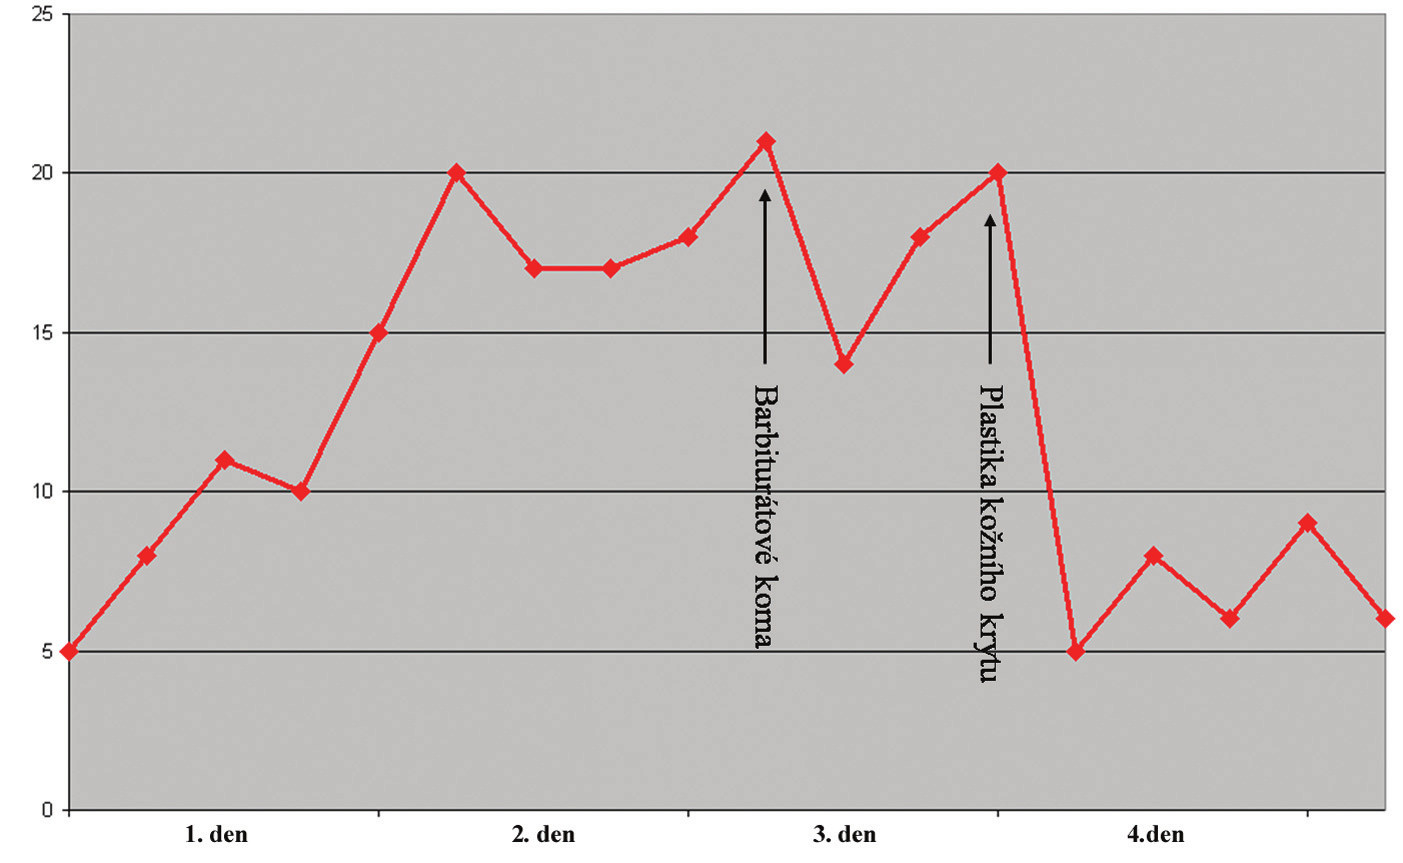 Graf se záznamem hodnot nitrolebního tlaku. Hodnoty tlaku jsou v mm Hg Fig. 4. Graph of the recorded intracranial pressure values in mm Hg